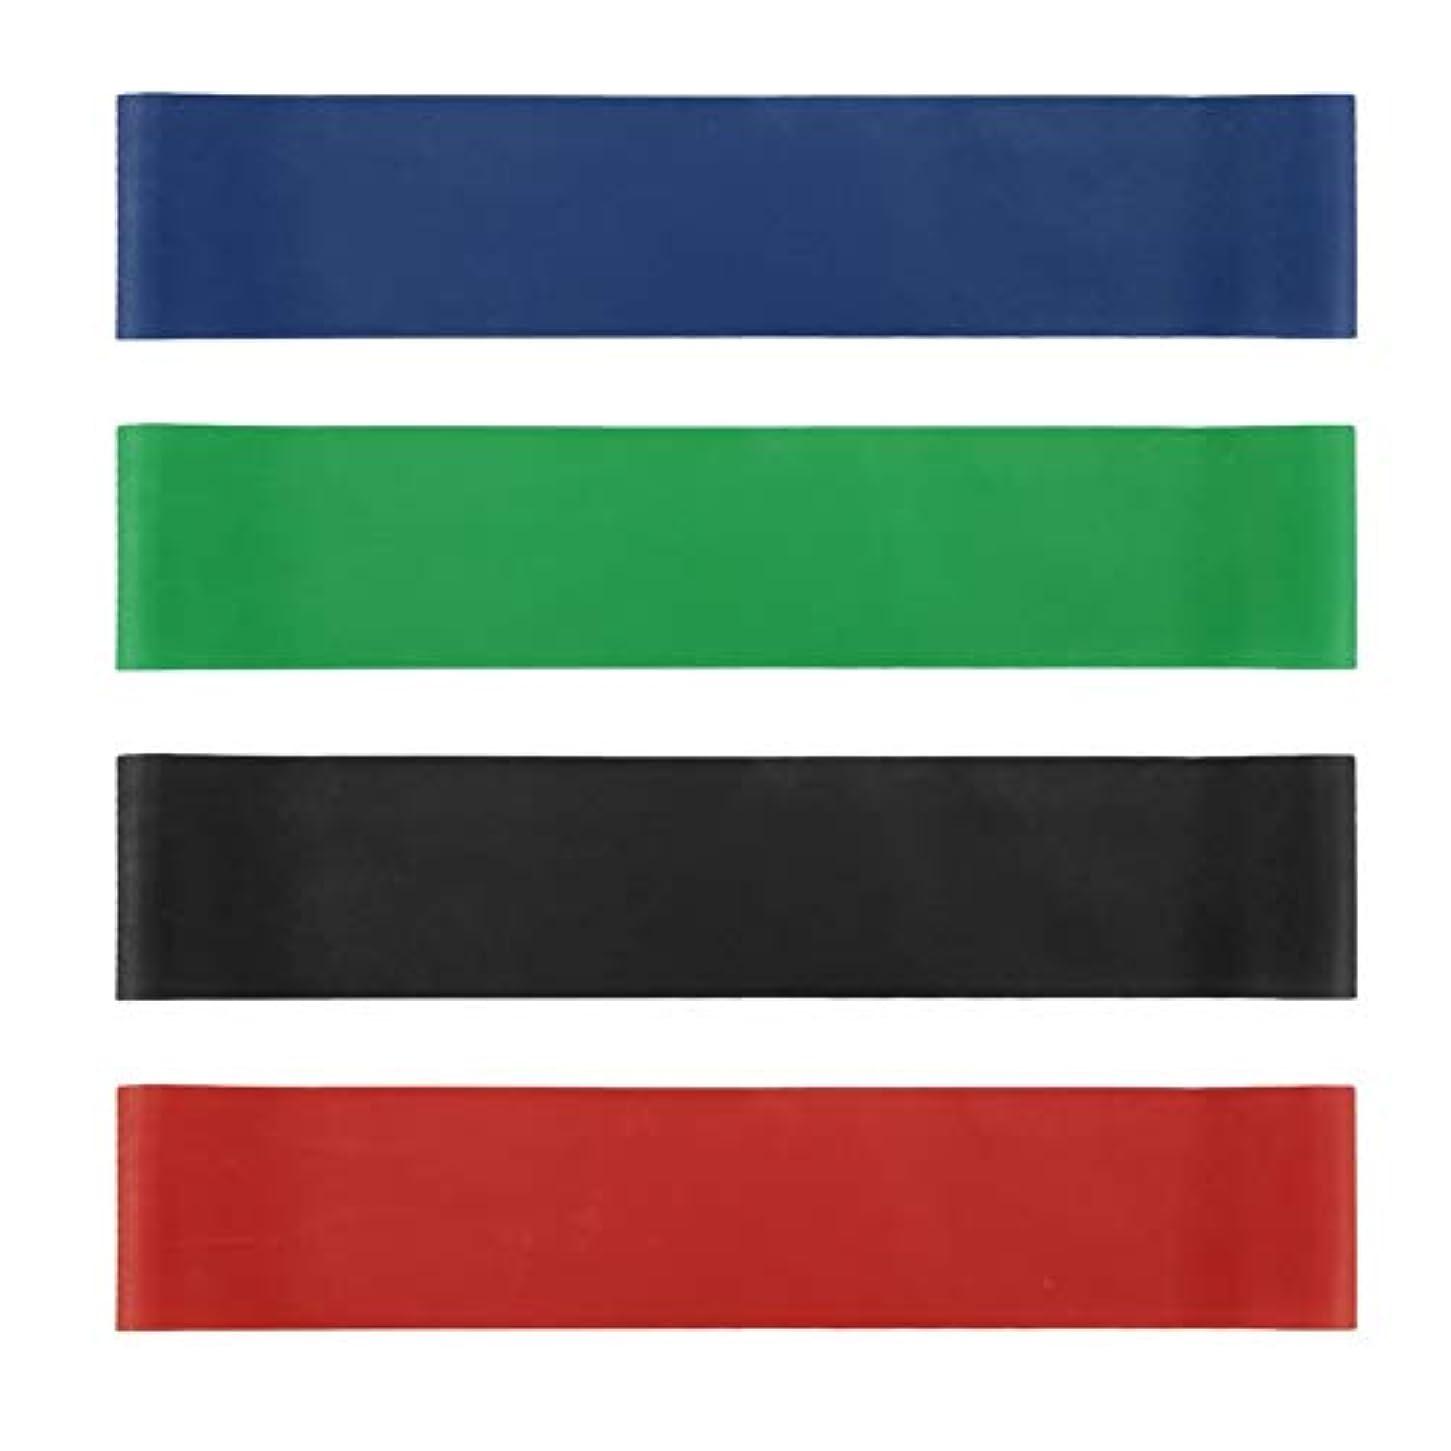 手当宿る演じる4本の伸縮性ゴム弾性ヨガベルトバンドプルロープ張力抵抗バンドループ強度のフィットネスヨガツール - レッド&ブルー&グリーン&ブラック